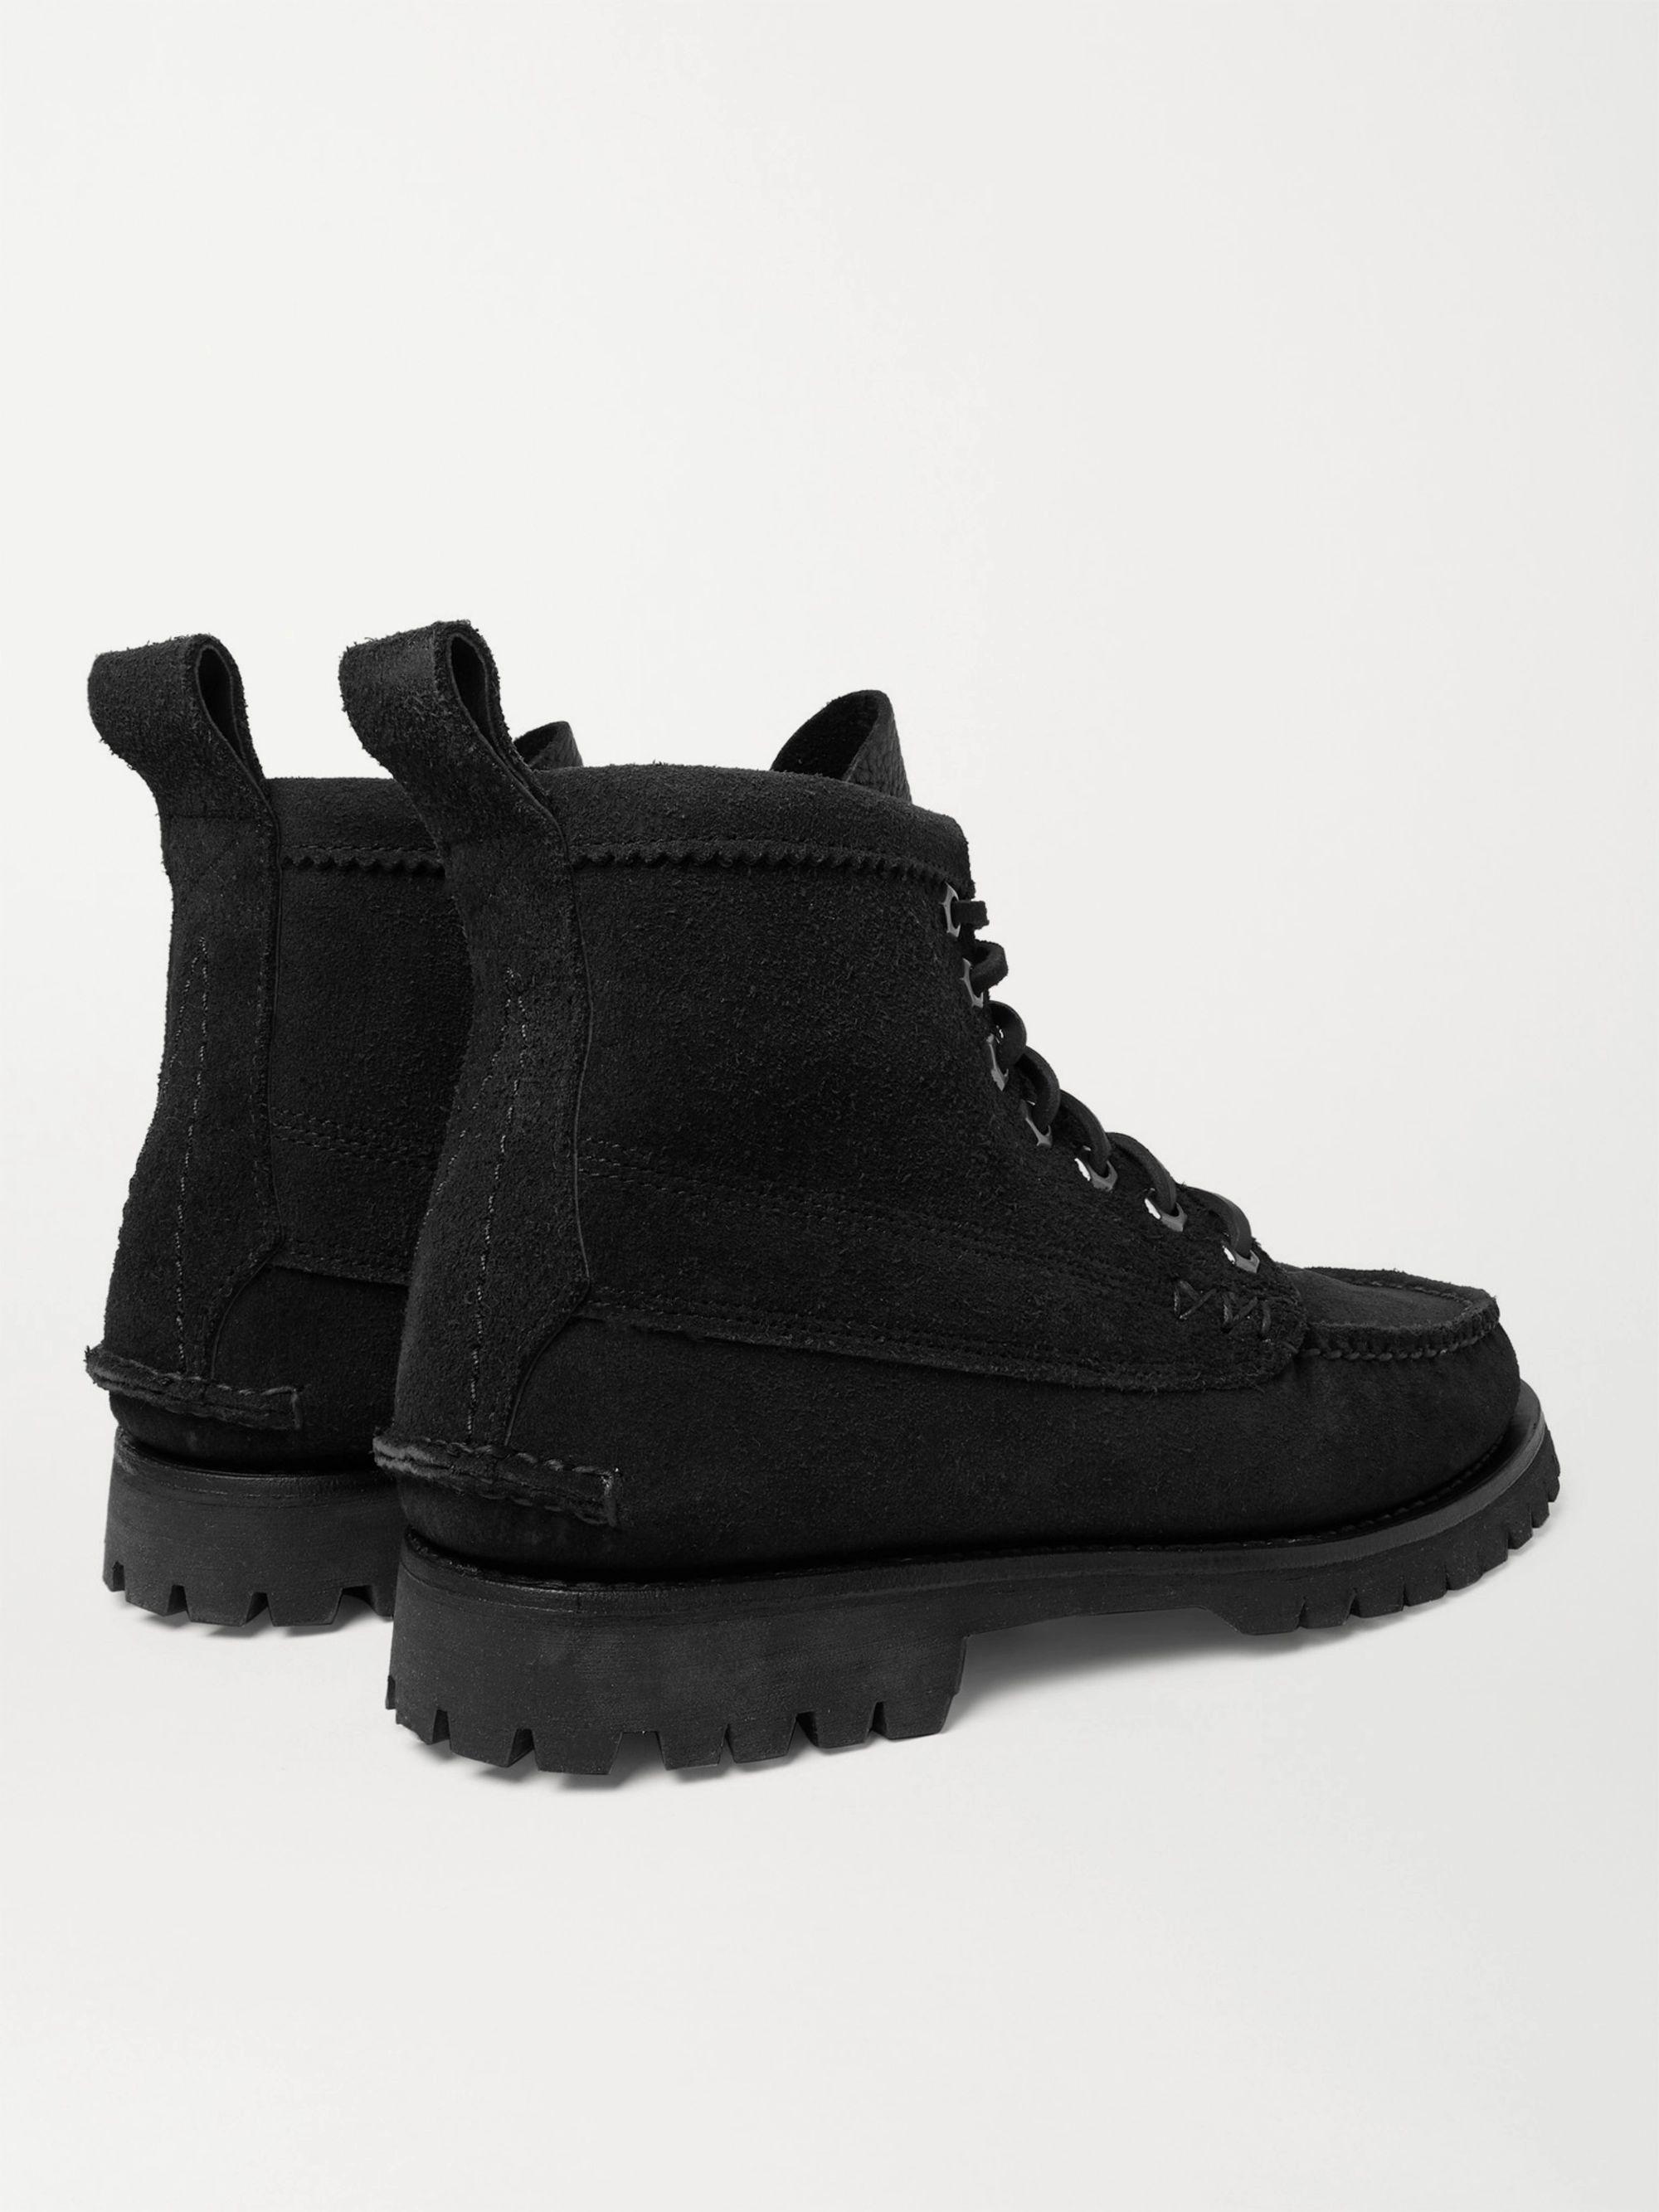 Black Angler Textured-leather Boots   Yuketen